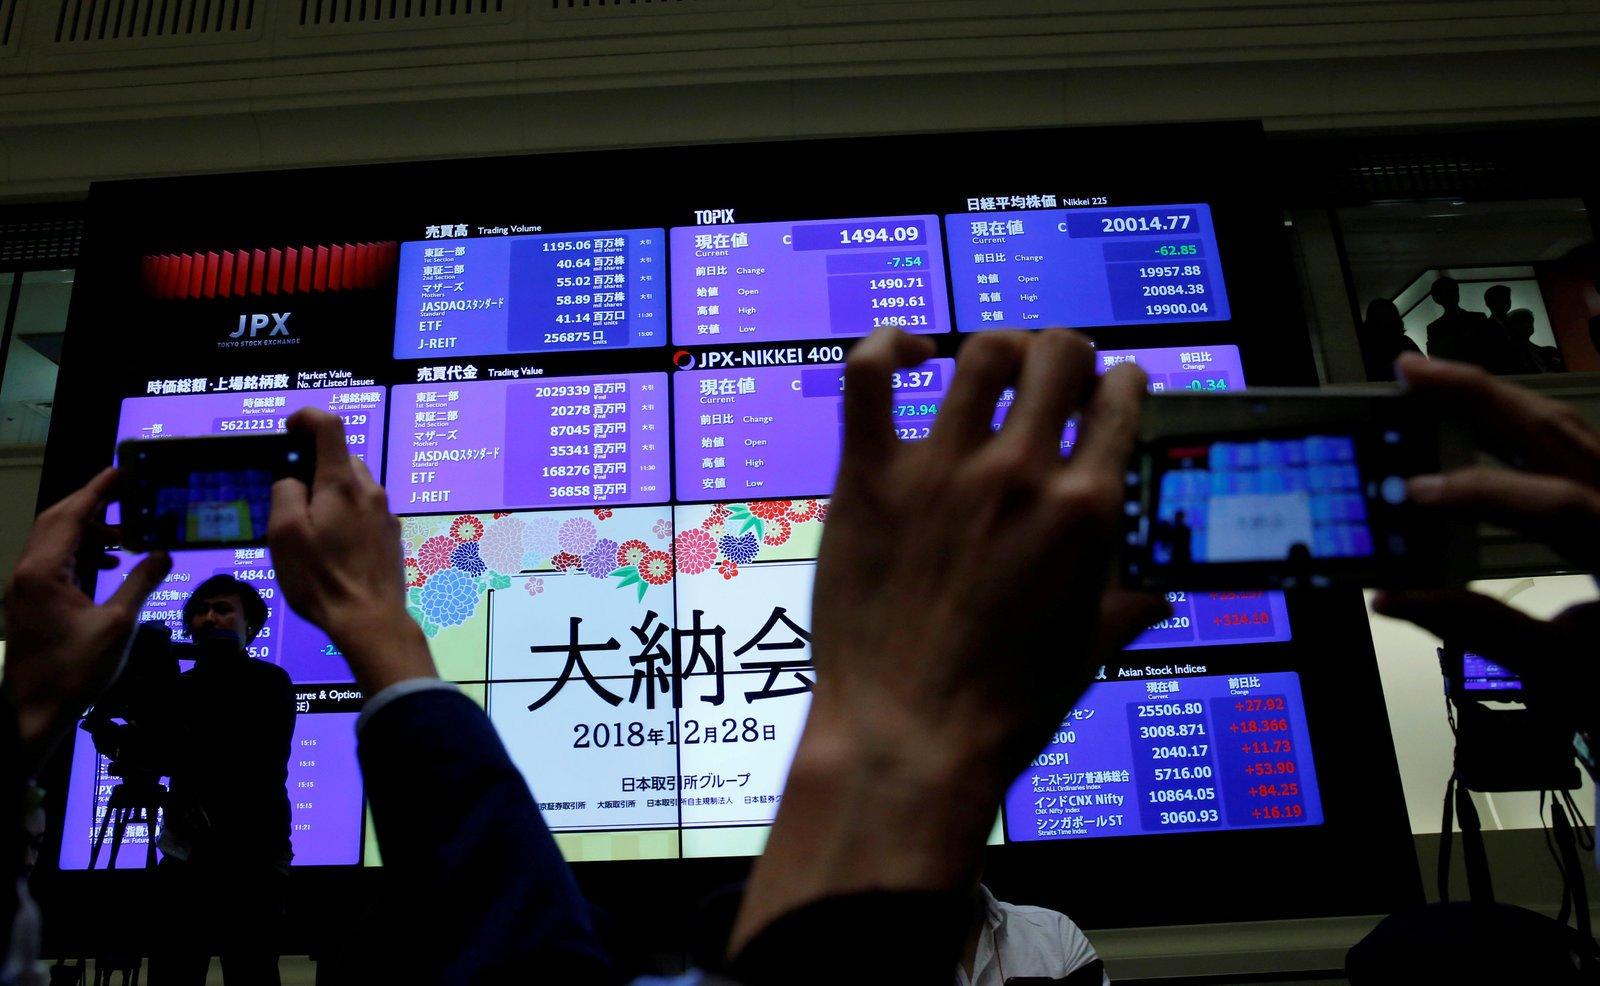 Chứng khoán châu Á trái chiều, thị trường Trung Quốc dẫn đầu khu vực